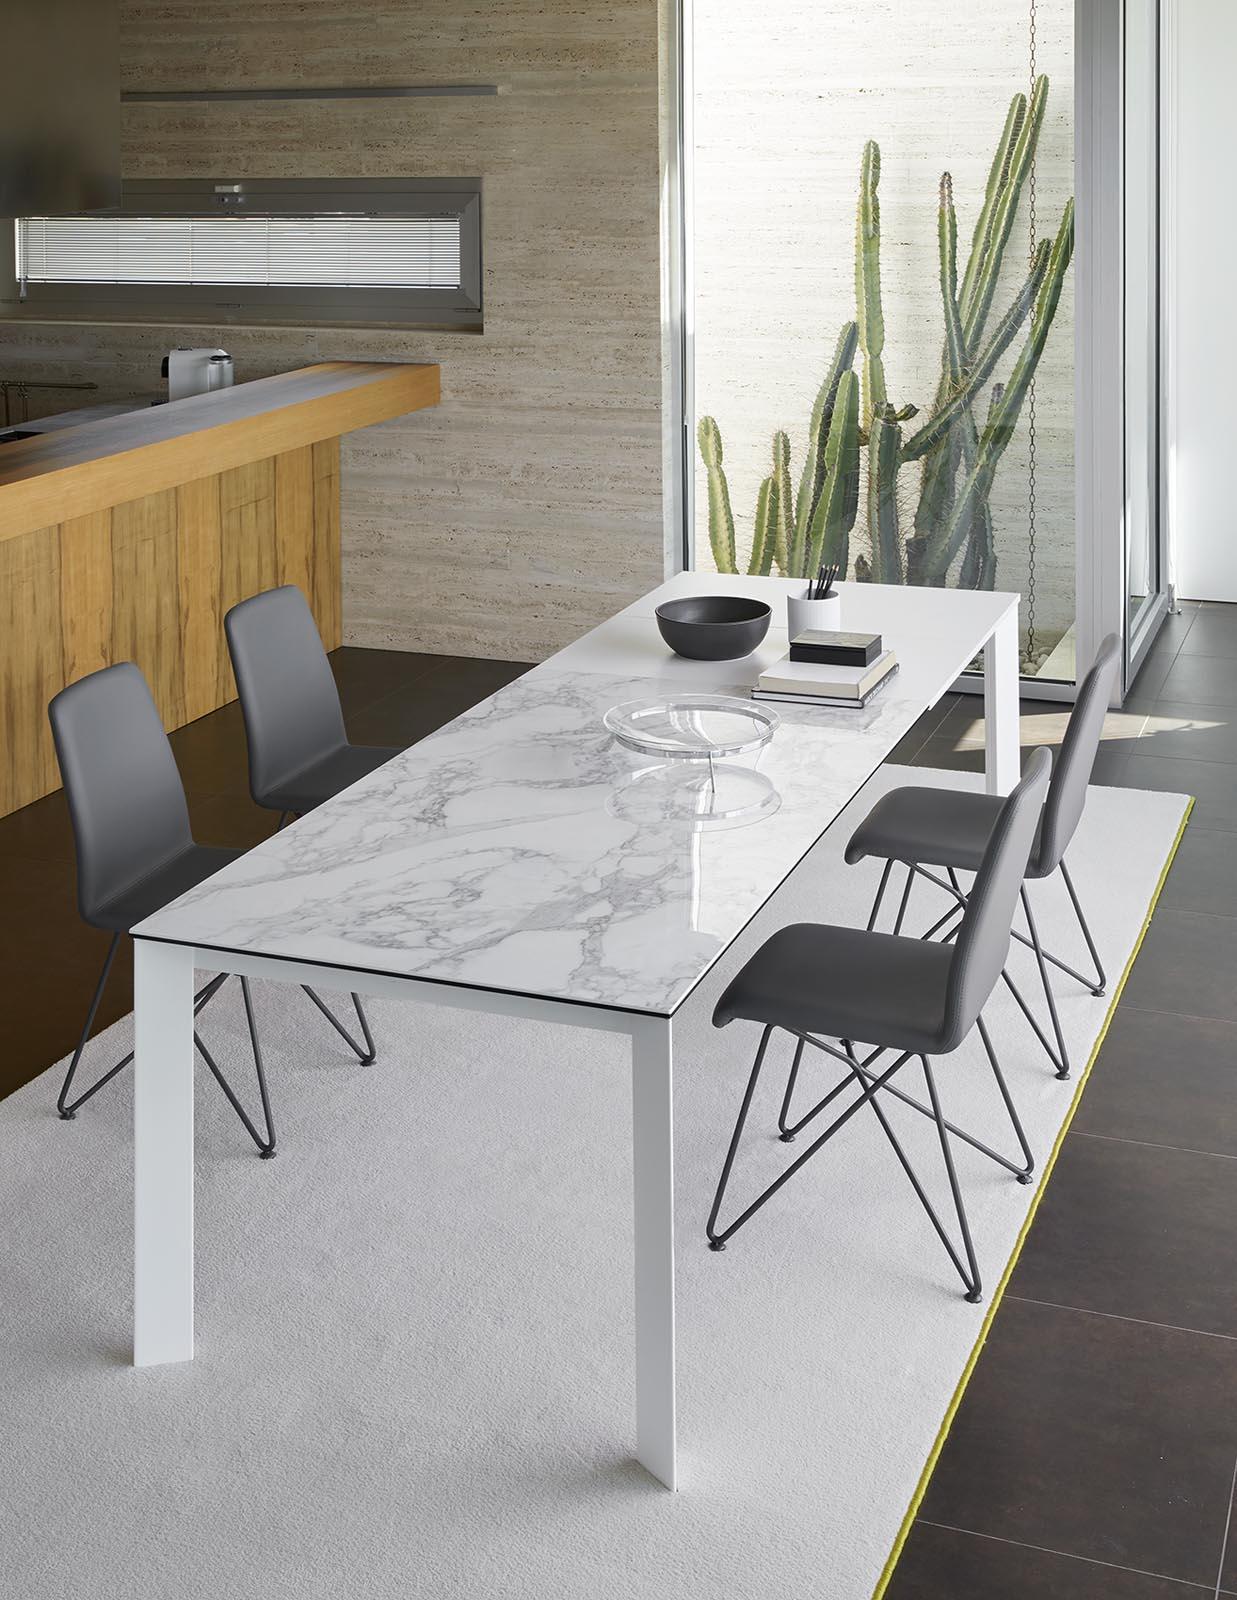 Stół rozkładany z metalowymi nogami